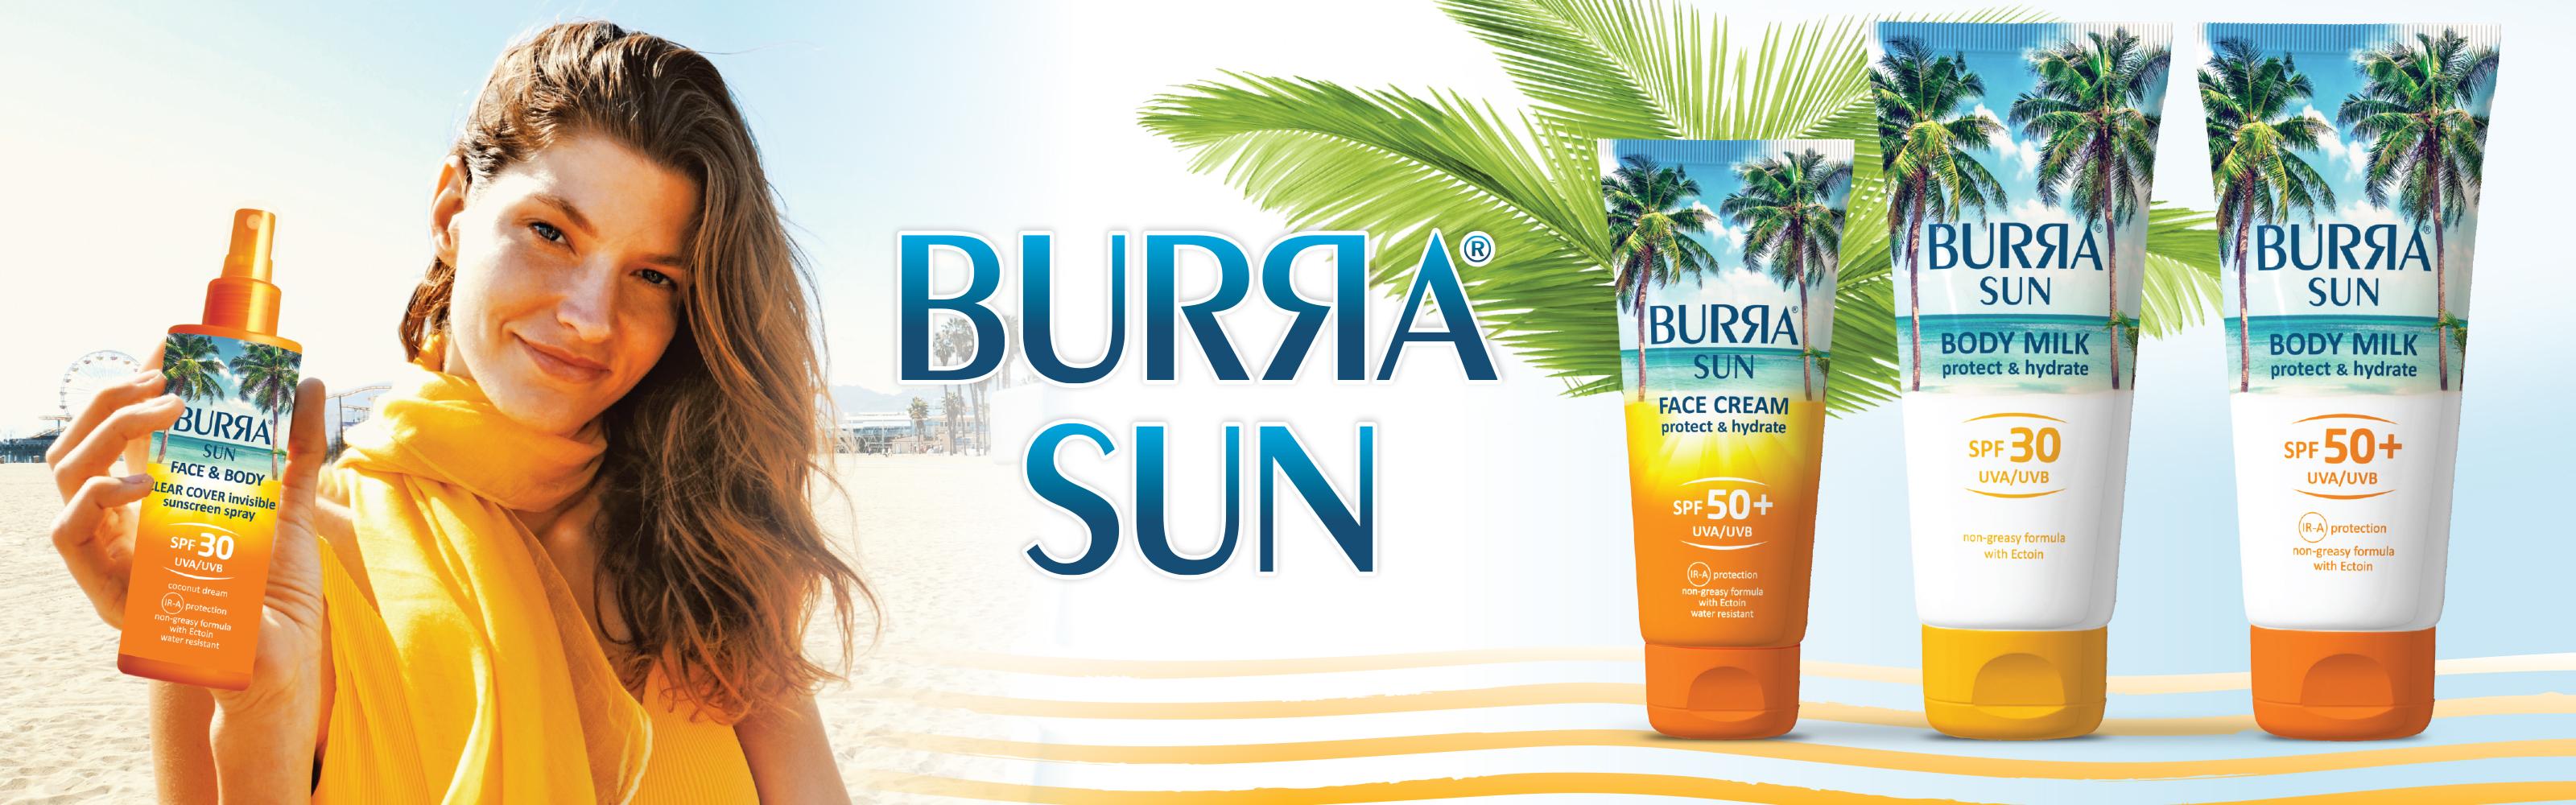 Burra Sun 3200x1000